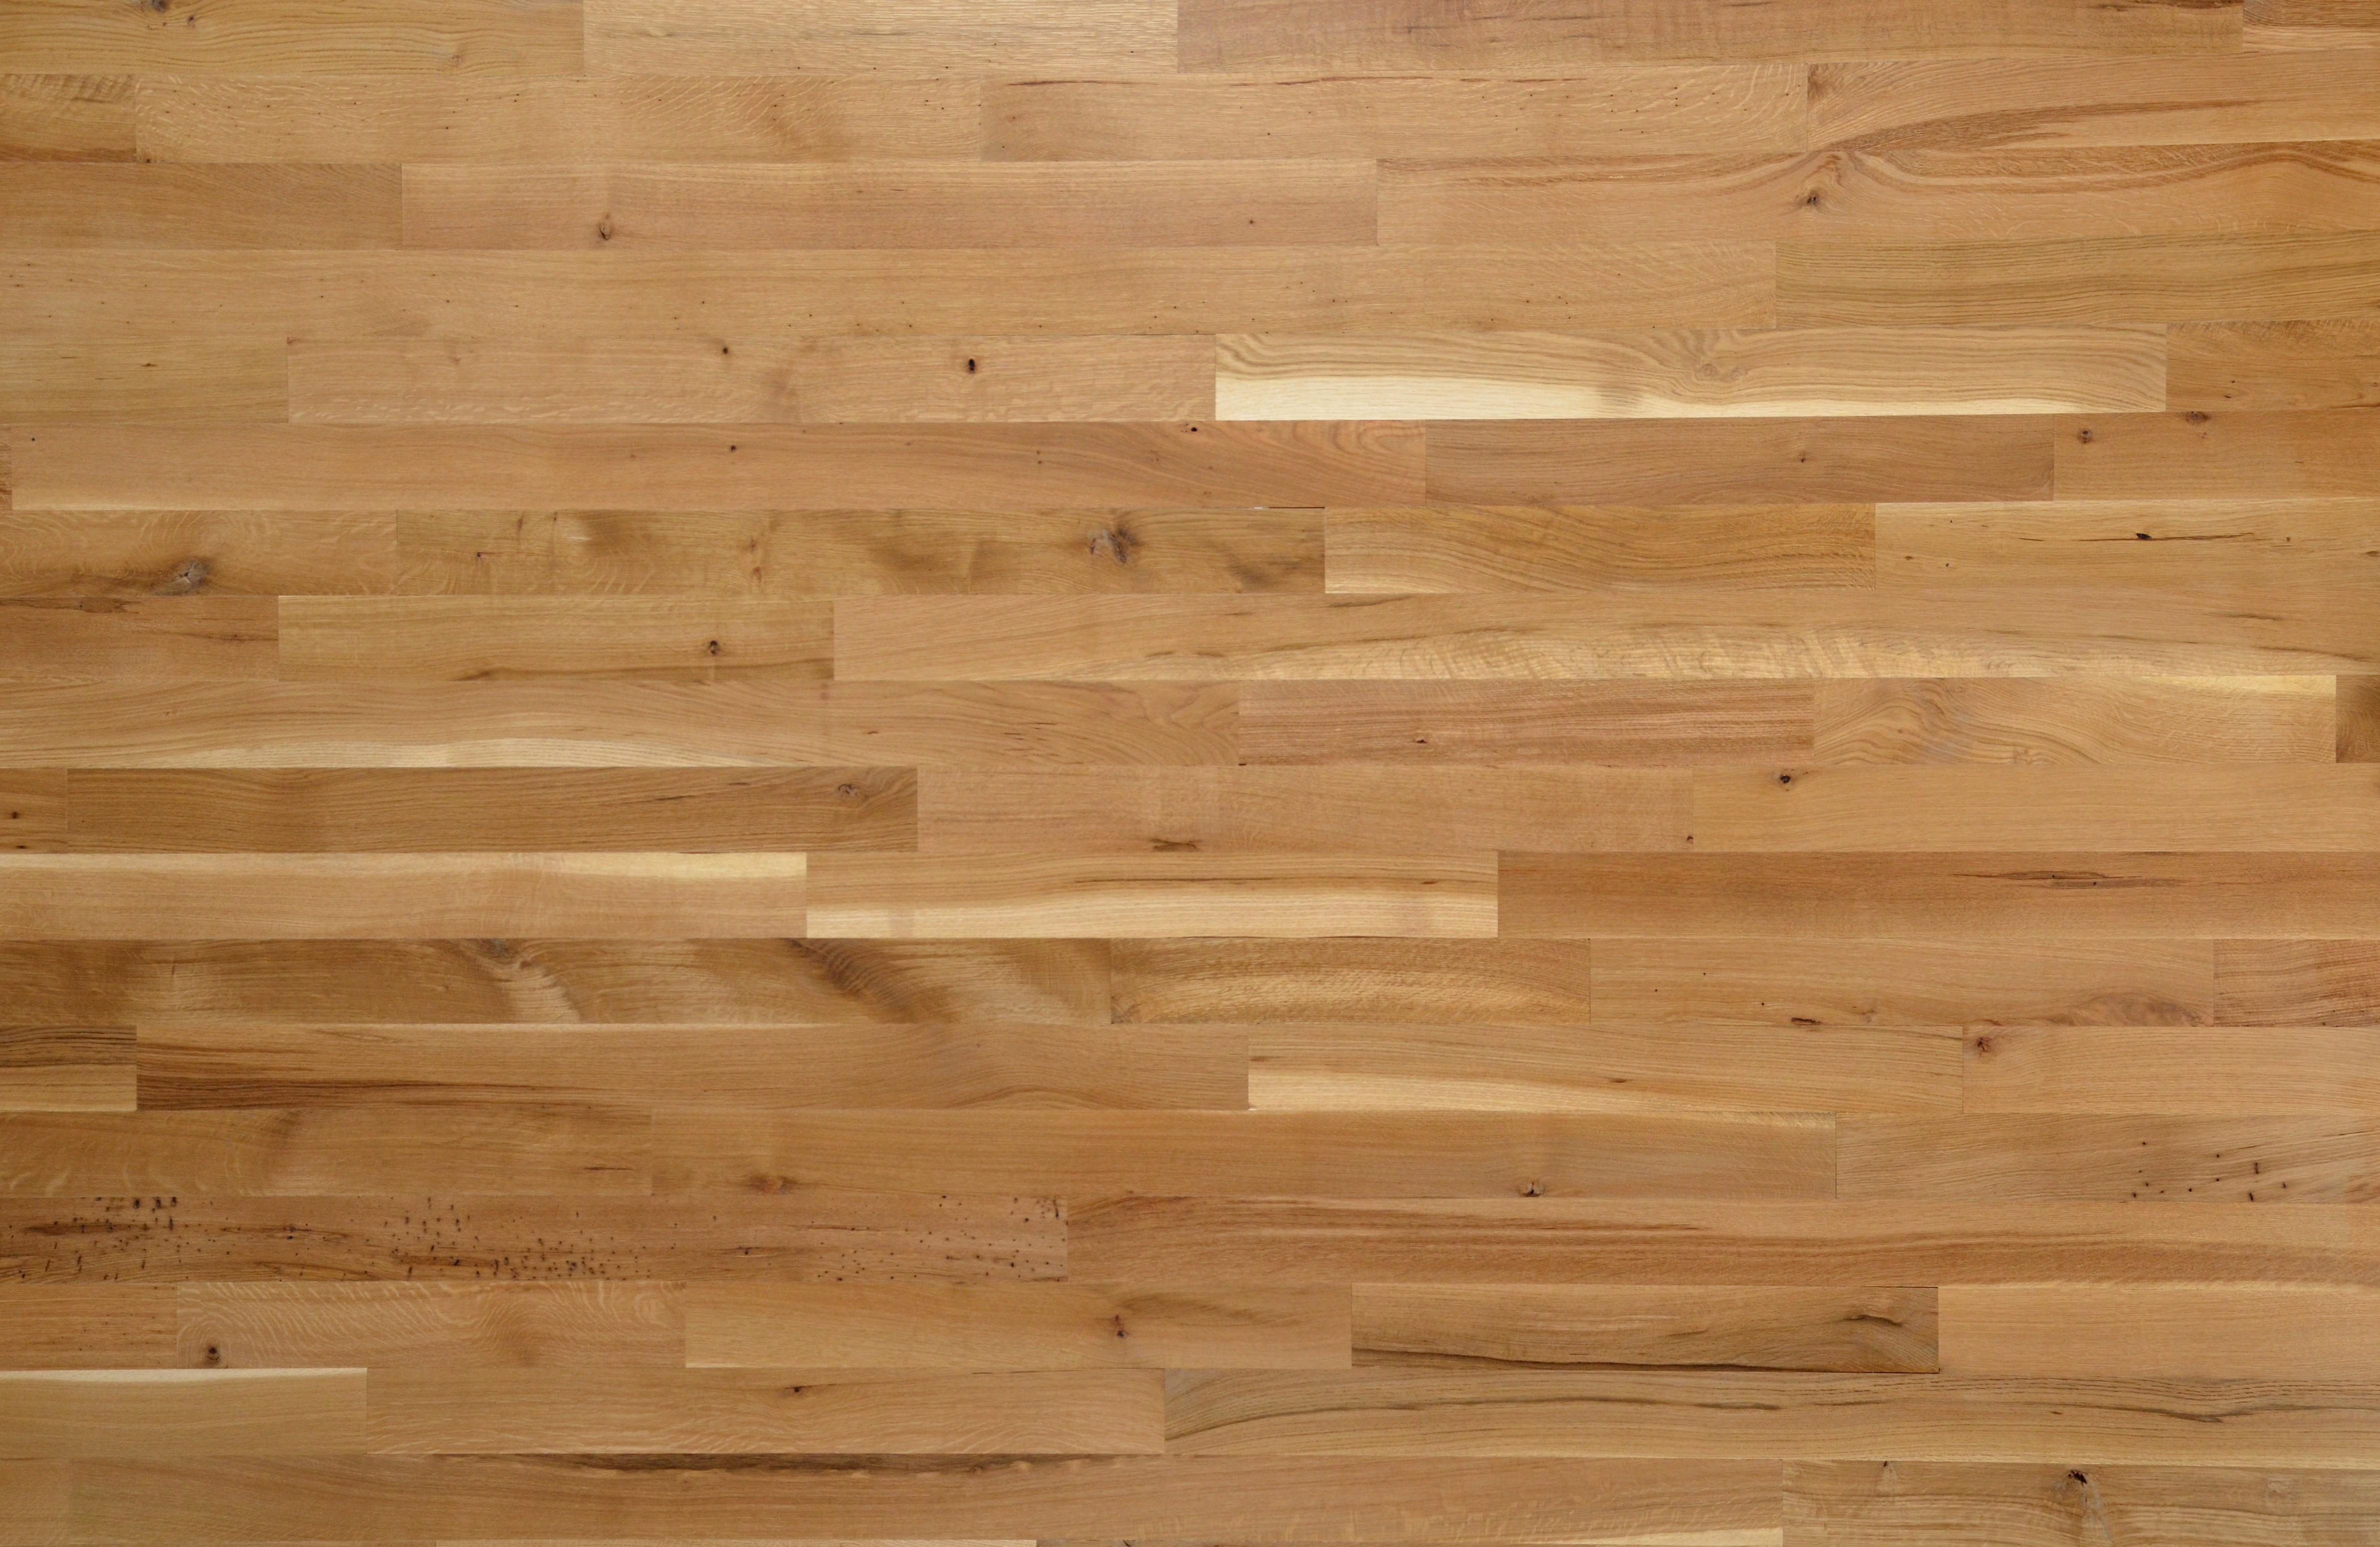 15 Fantastic Long Length Hardwood Flooring 2021 free download long length hardwood flooring of lacrosse hardwood flooring walnut white oak red oak hickory inside rift quartered natural white oak